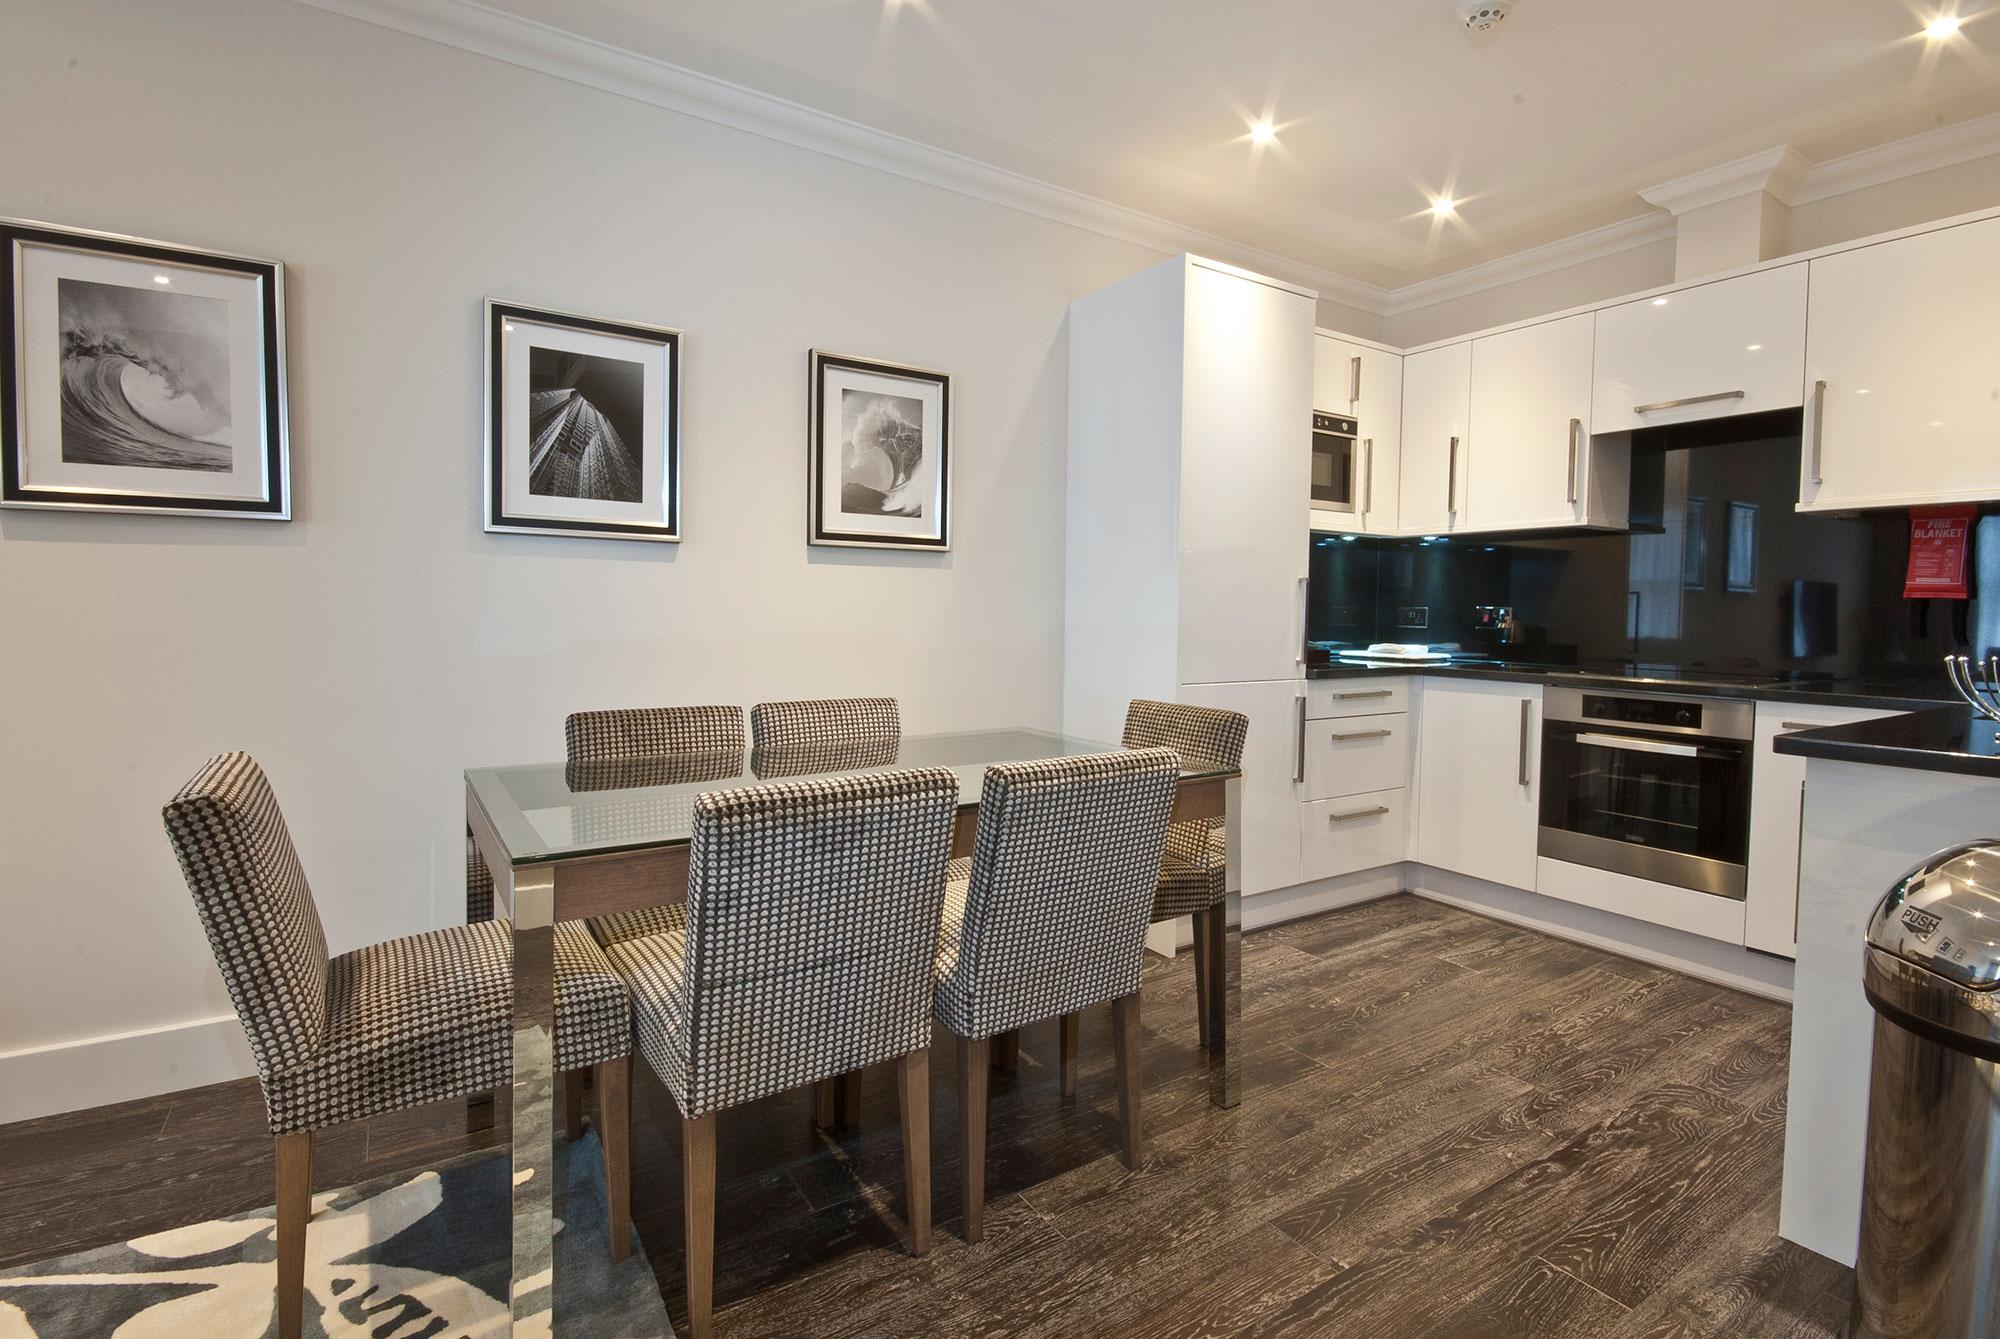 402 - three bedroom - dinning - living room 1.jpg